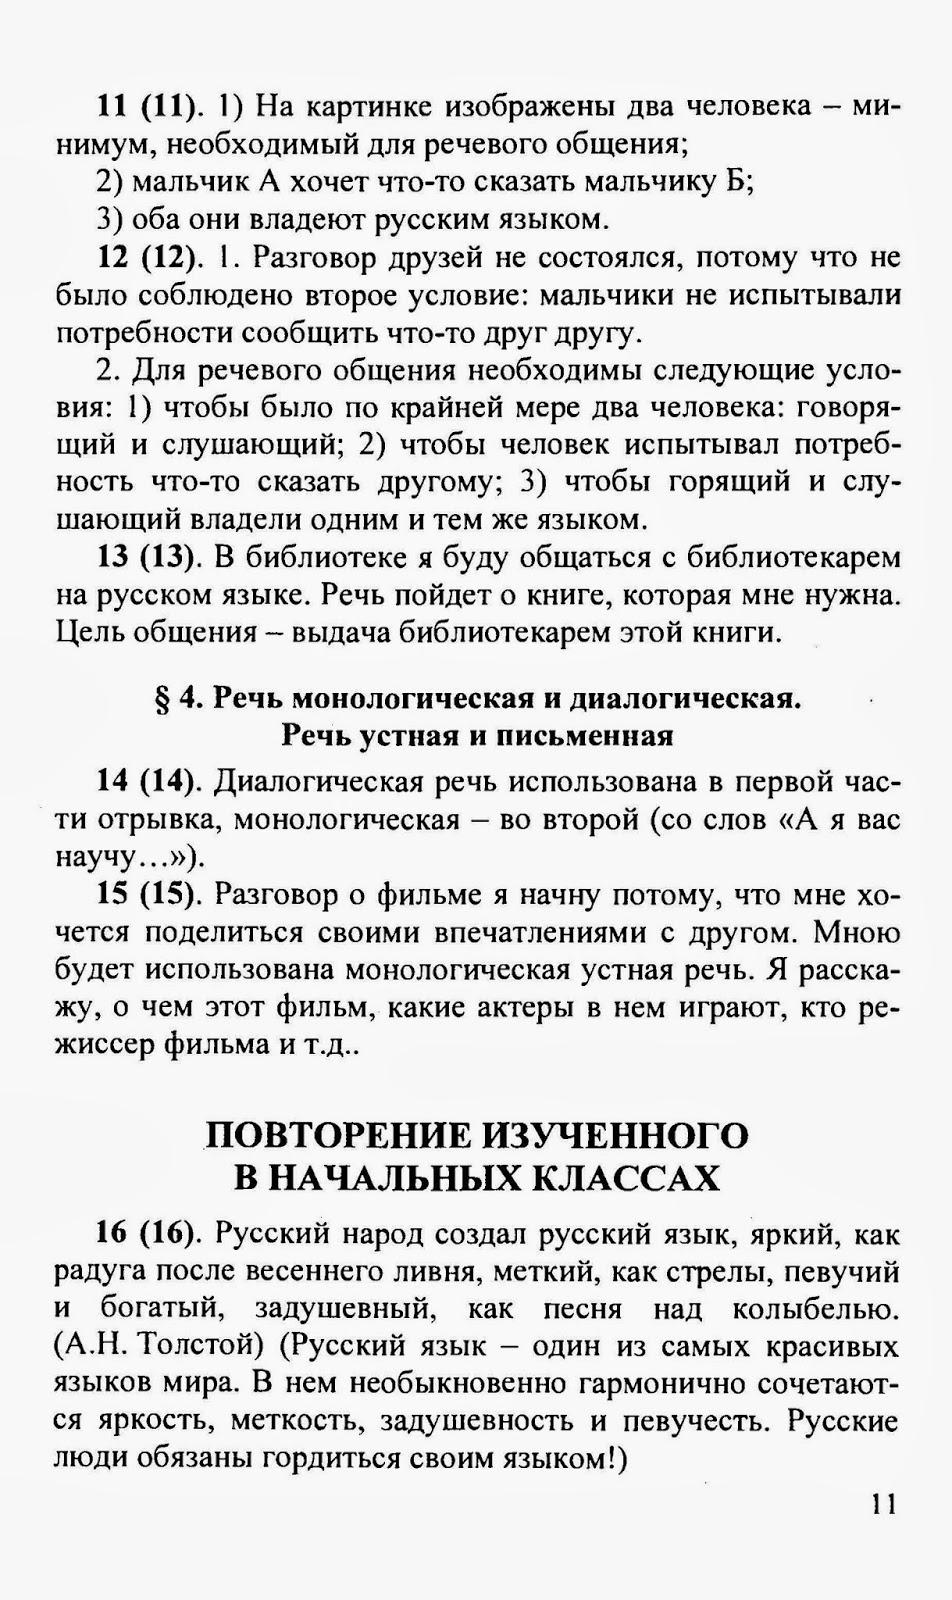 Решебник по русскому языку за 6 Класс Разумовская 2014 Дрофа